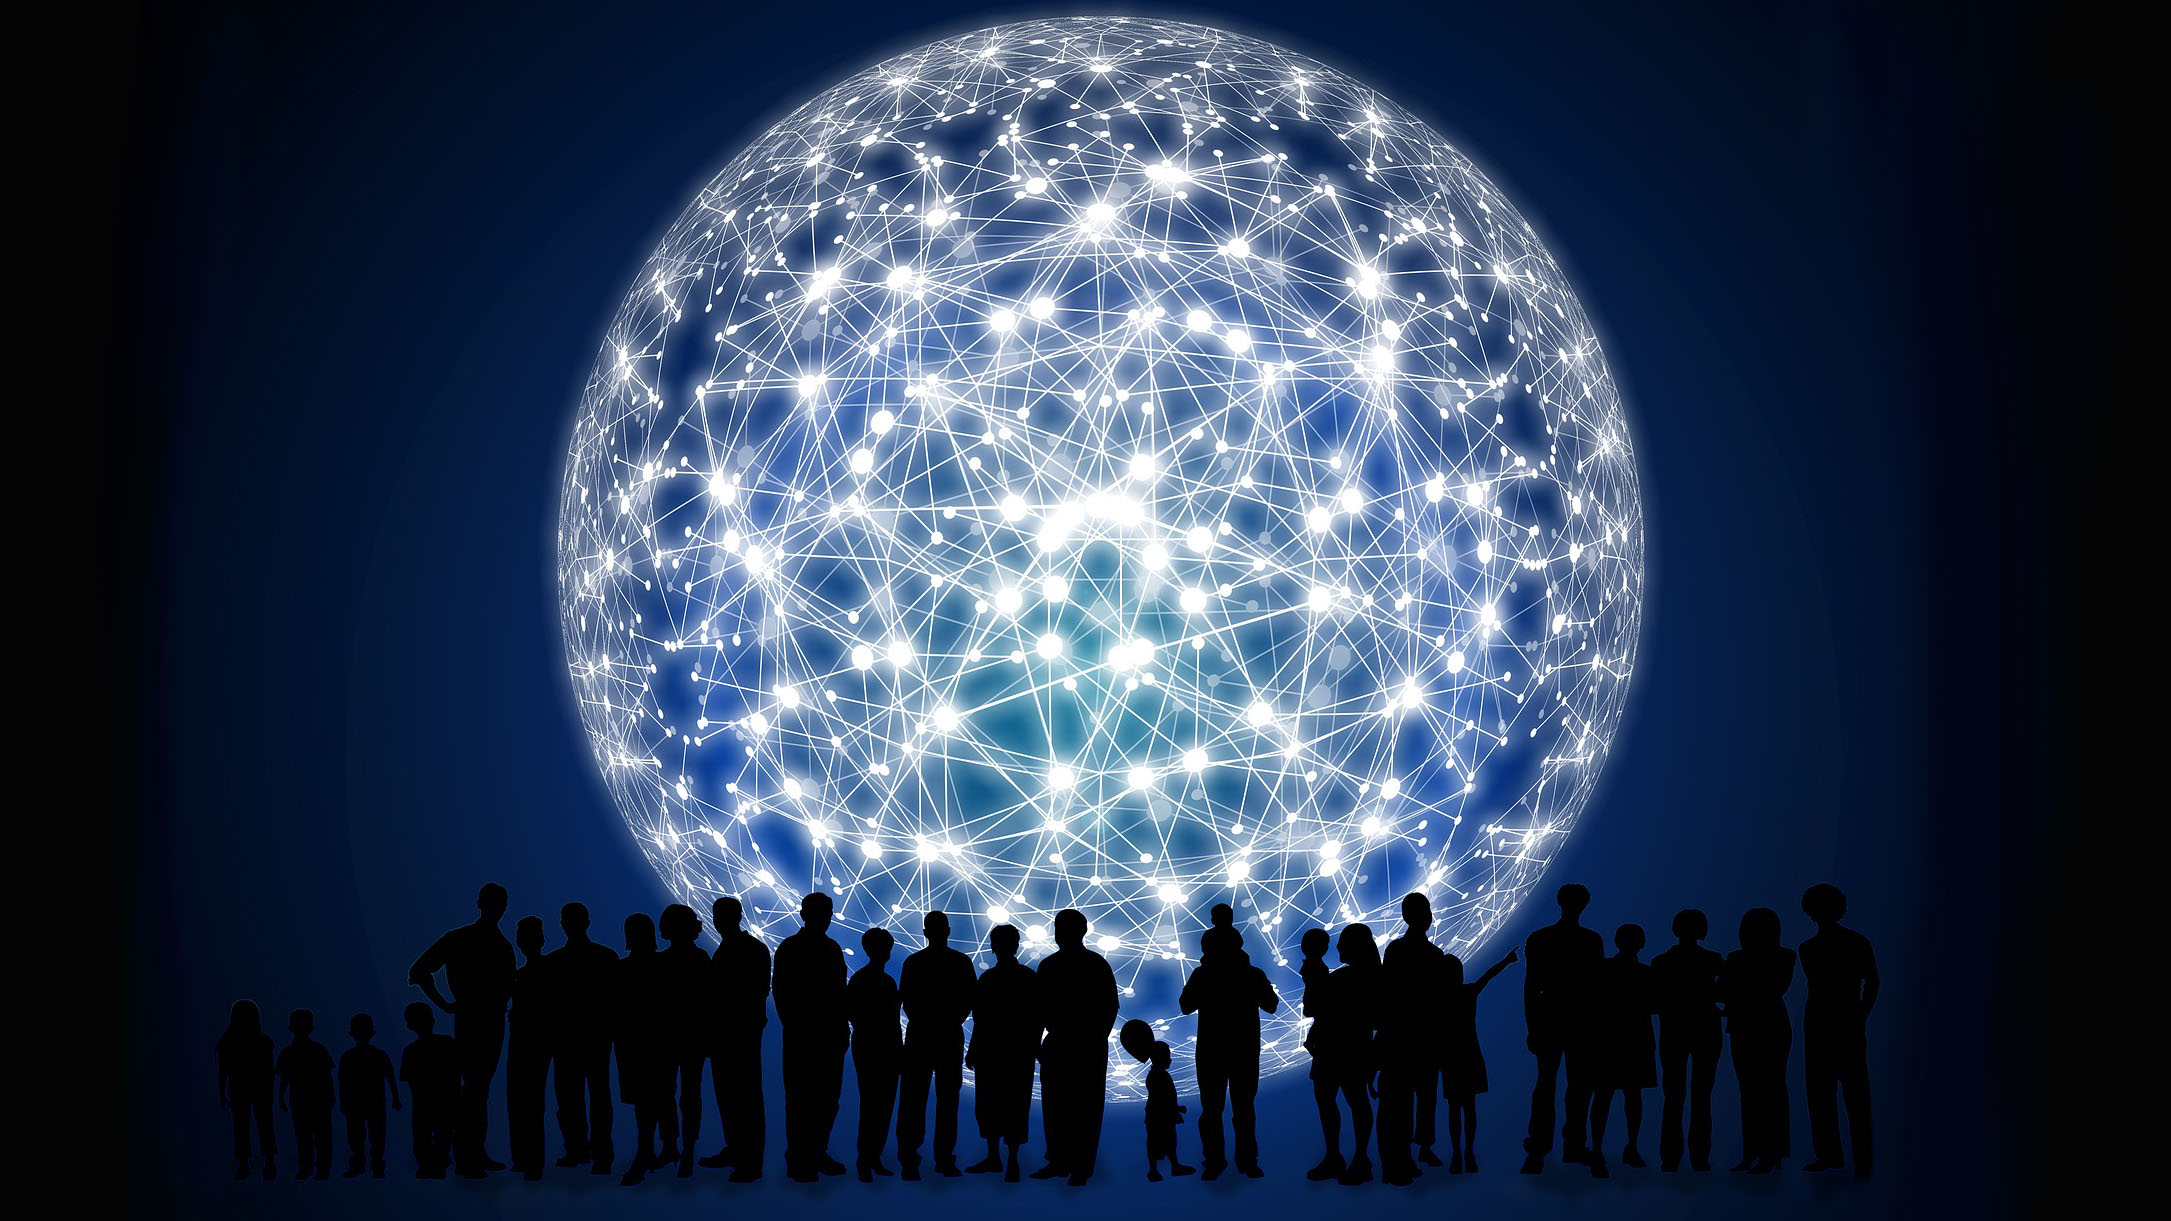 Une rangée de silhouettes humaines devant un réseau en format de lune géante